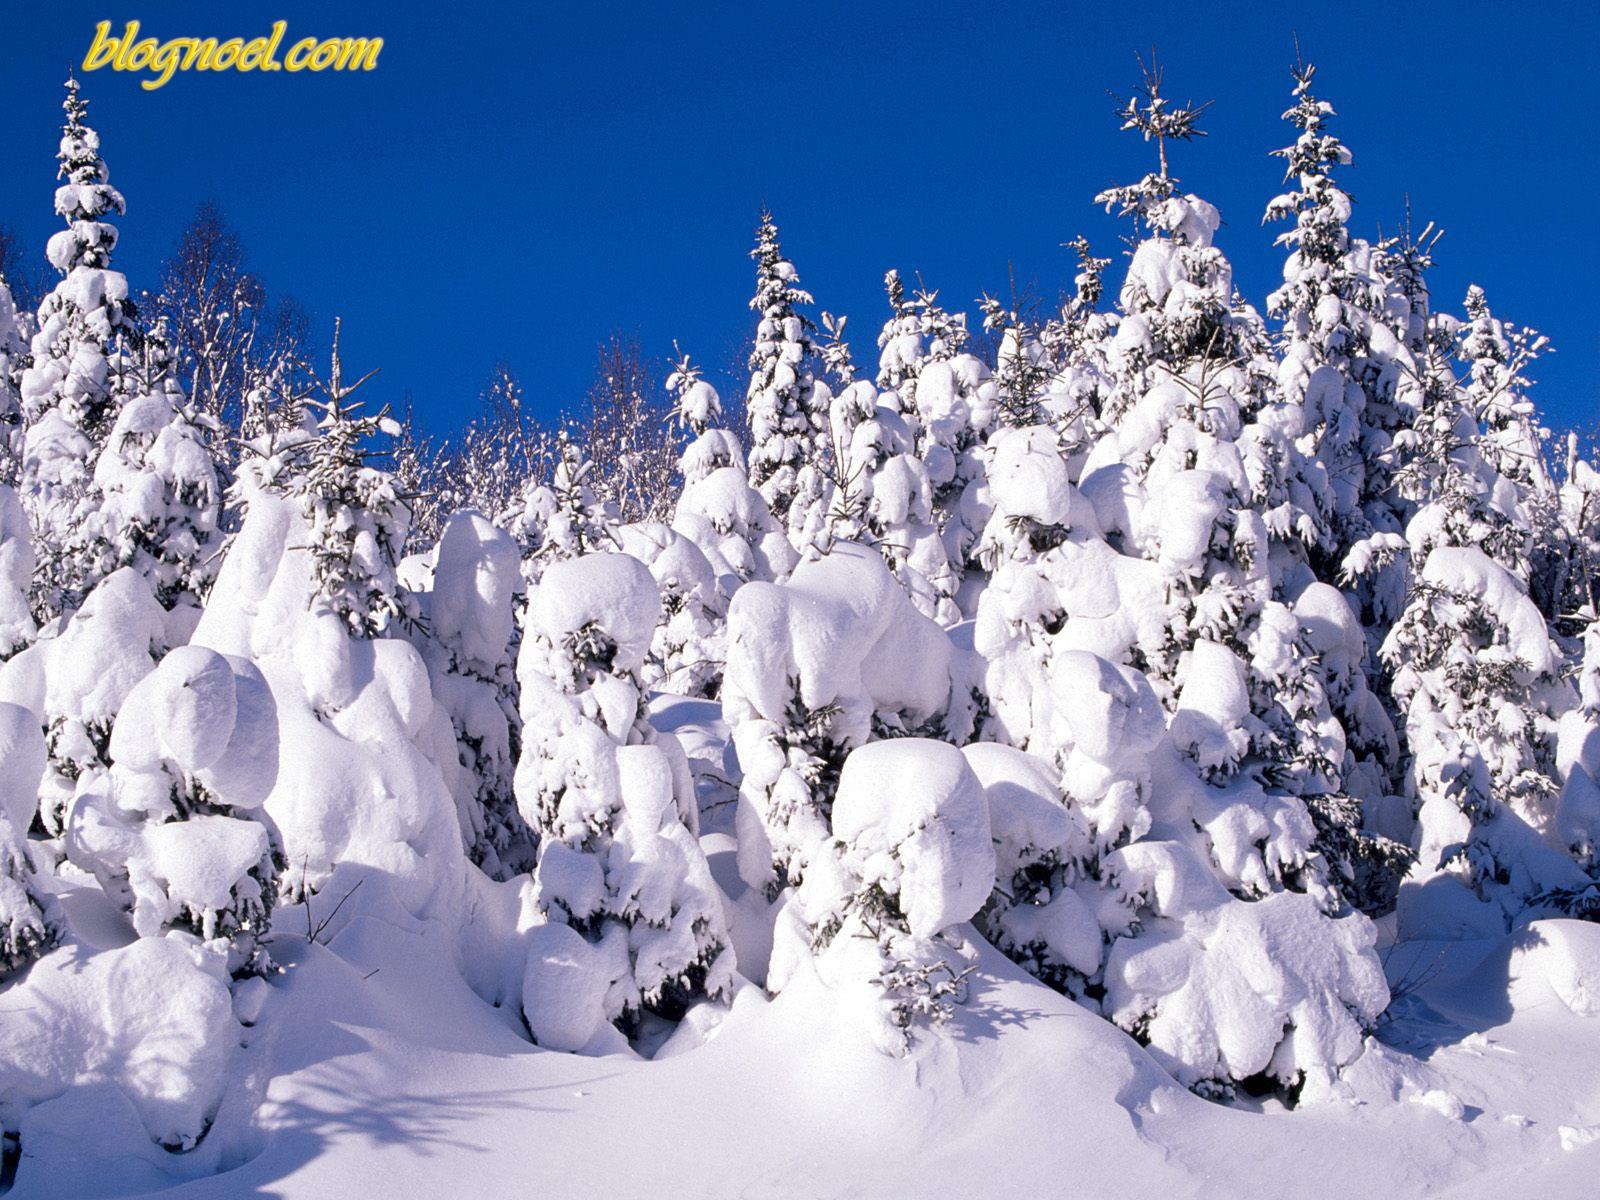 dans fond ecran neige fond-ecran-noel-sapin-neig%C3%A9